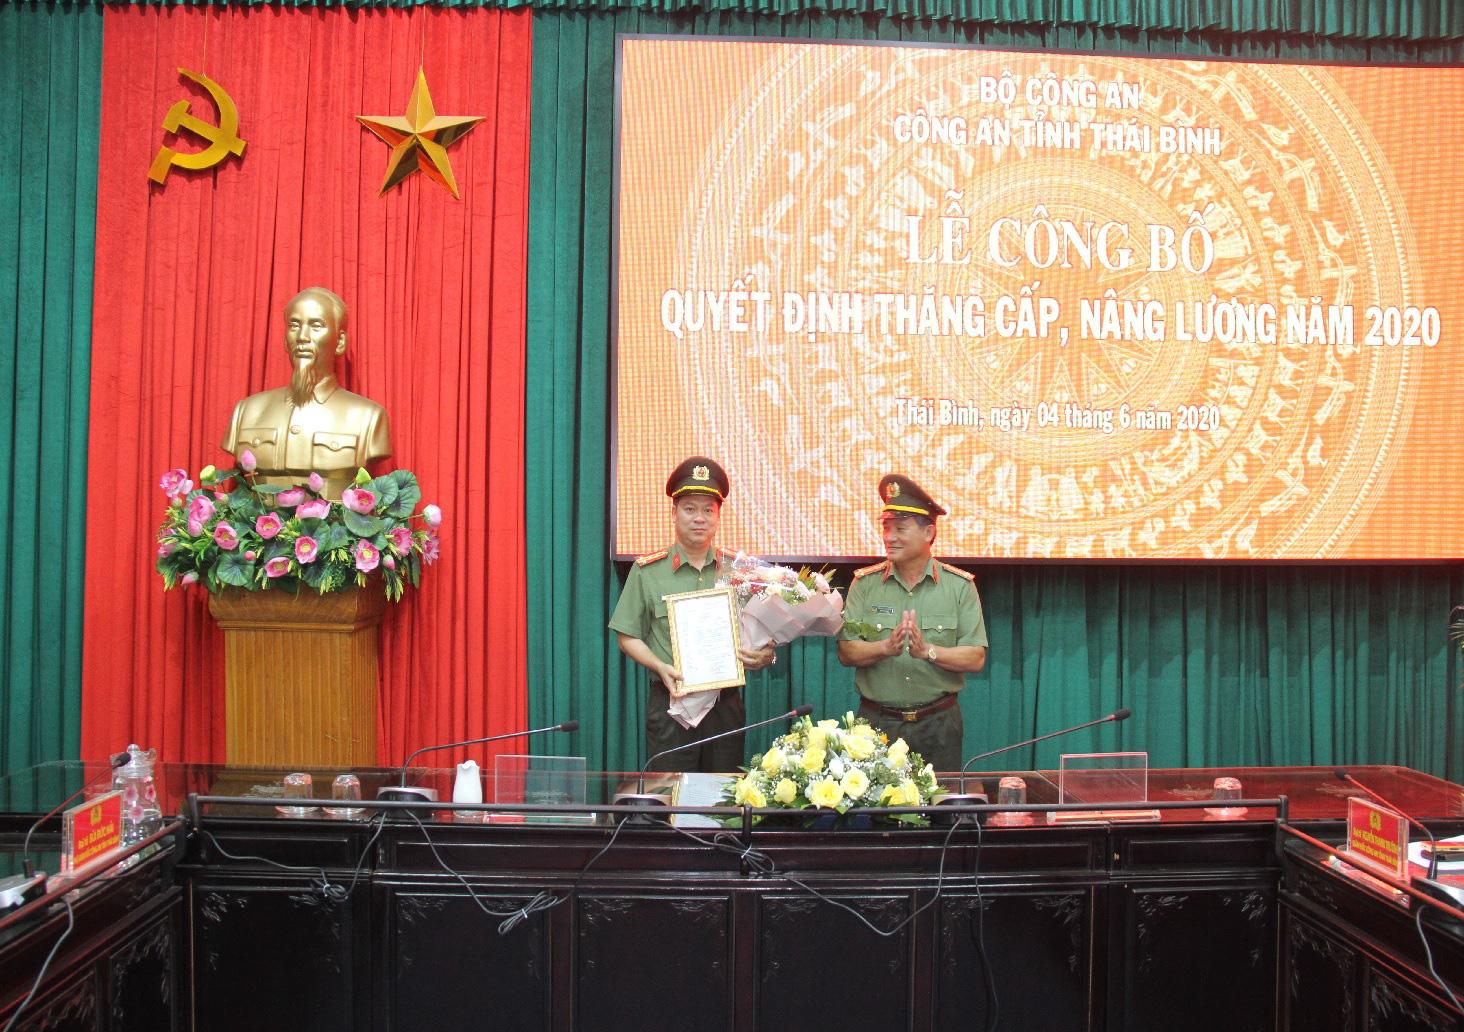 Giám đốc Công an Thái Bình Nguyễn Thanh Trường được thăng hàm đại tá - Ảnh 1.